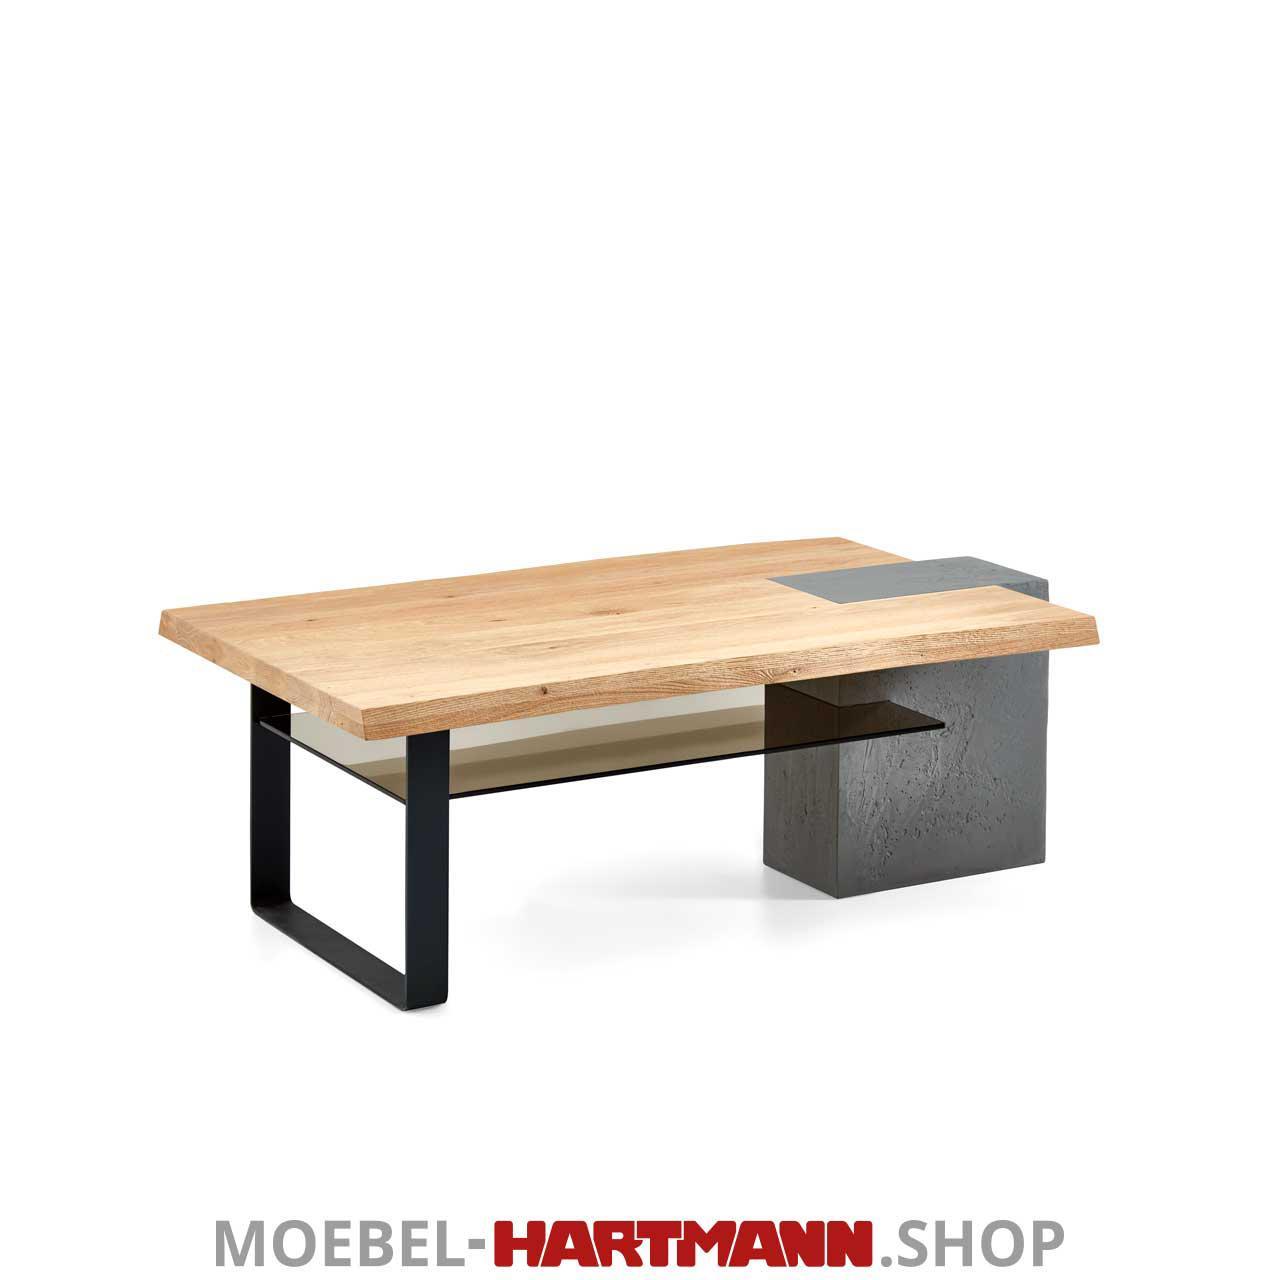 Hartmann Möbel Couchtisch